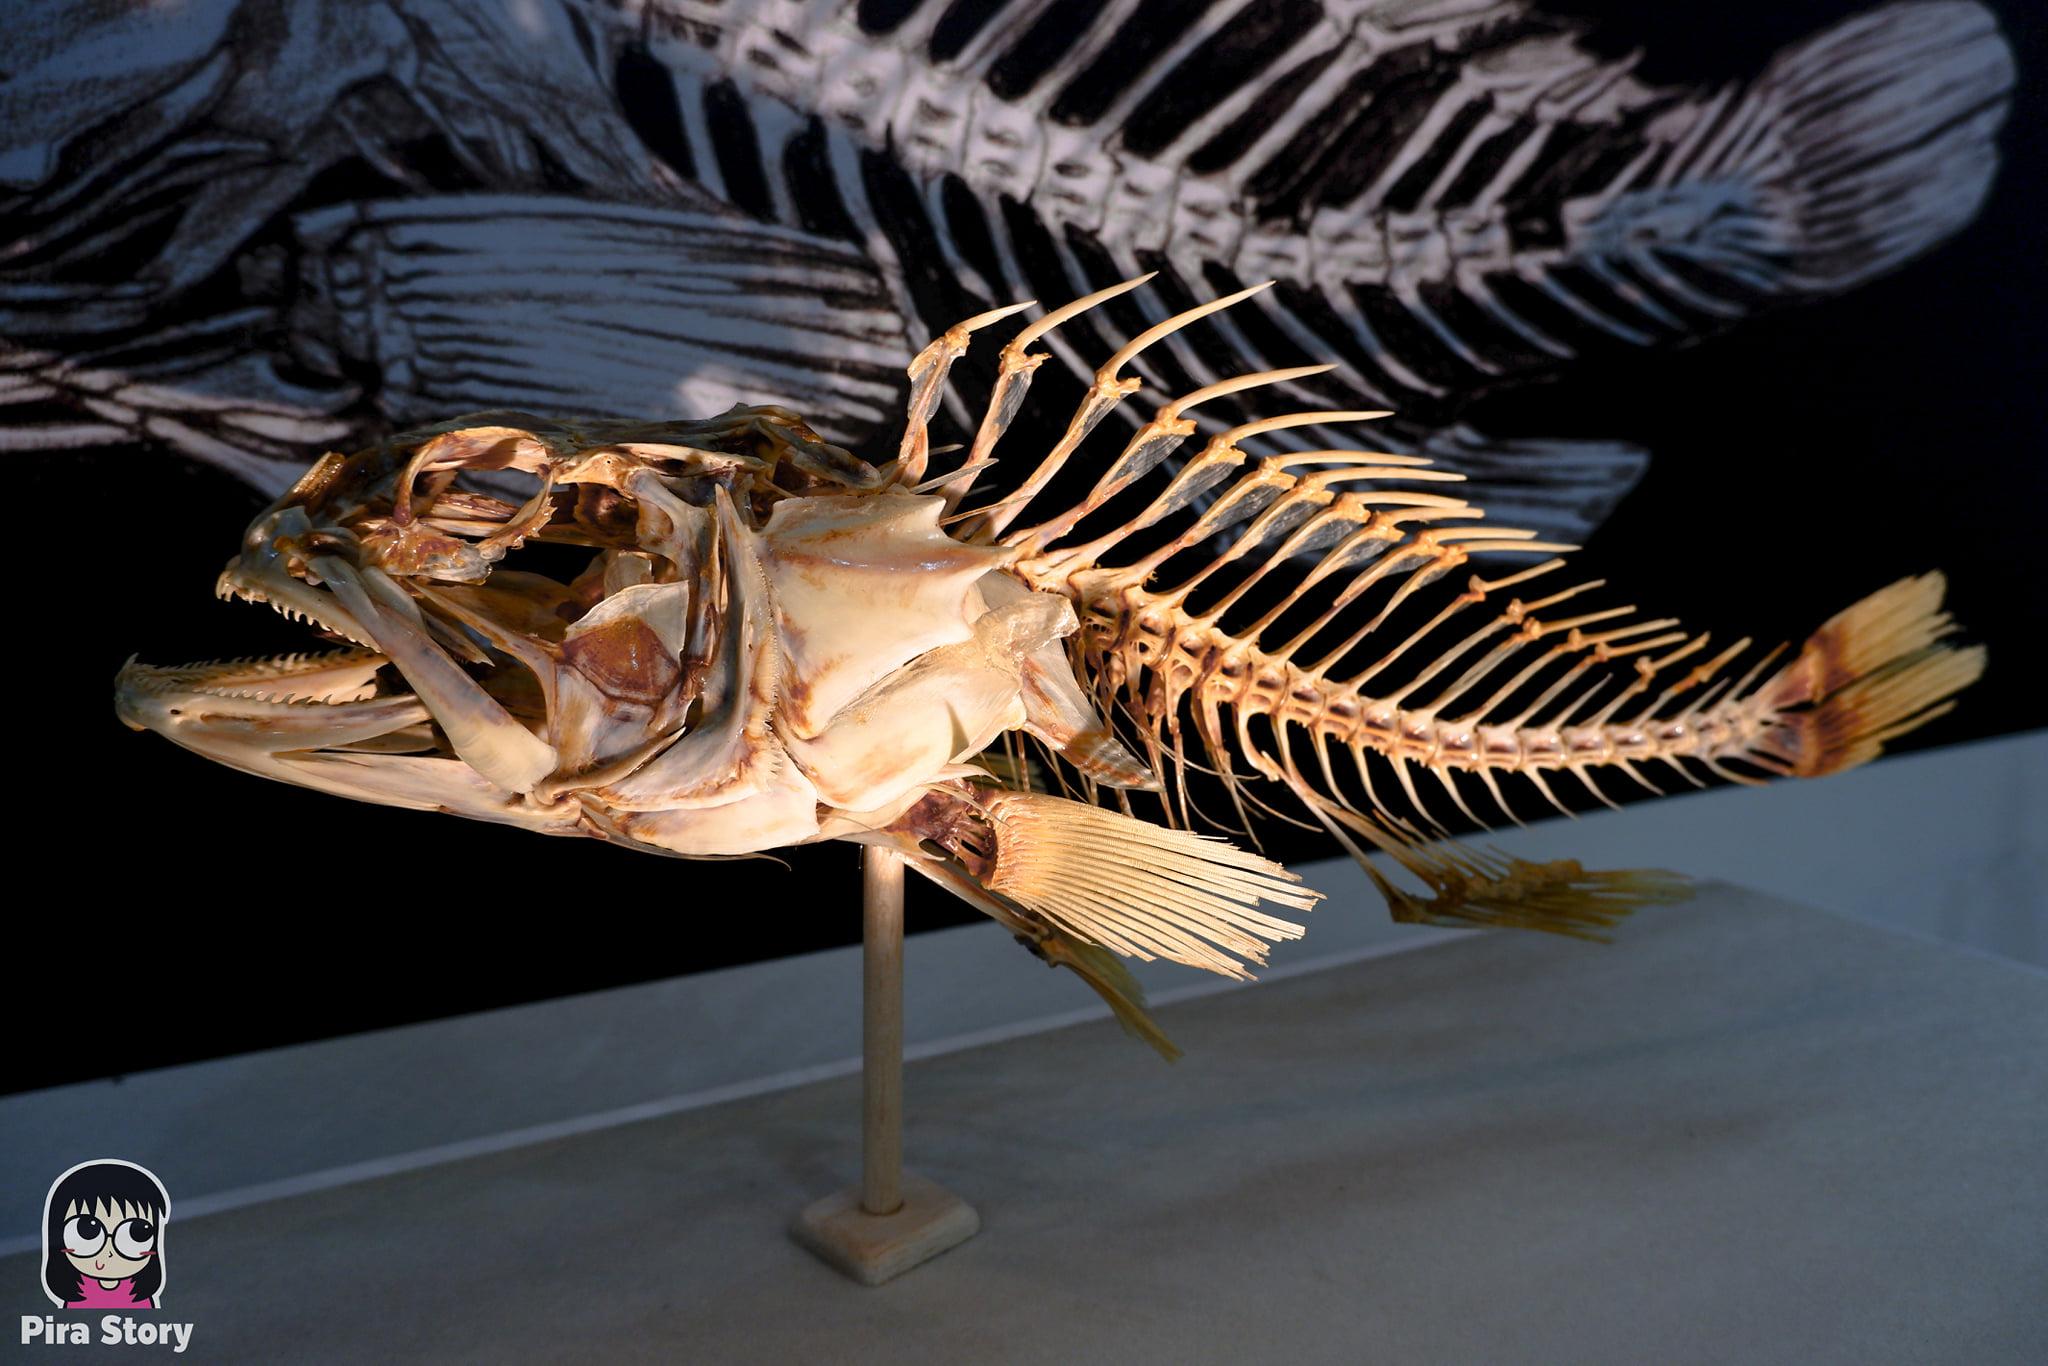 ความลับของโครงกระดูก Skeleton's Secrets ศึกษากายวิภาคสัตว์ ที่พิพิธภัณฑ์ จุฬาลงกรณ์มหาวิทยาลัย คณะวิทยาศาสตร์ ชีววิทยา Night at the museum 2020 เที่ยวพิพิธภัณฑ์ เที่ยวกรุงเทพ สยาม กระดูกสัตว์ กายวิภาคศาสตร์ โครงสร้างร่างกาย โครงสร้างกระดูก สัตว์เลี้ยงลูกด้วยนม สัตว์มีกระดูกสันหลัง กระดูกปลา ก้างปลา ปลาเก๋า ก้างปลาเก๋า กระดูกปลาเก๋า